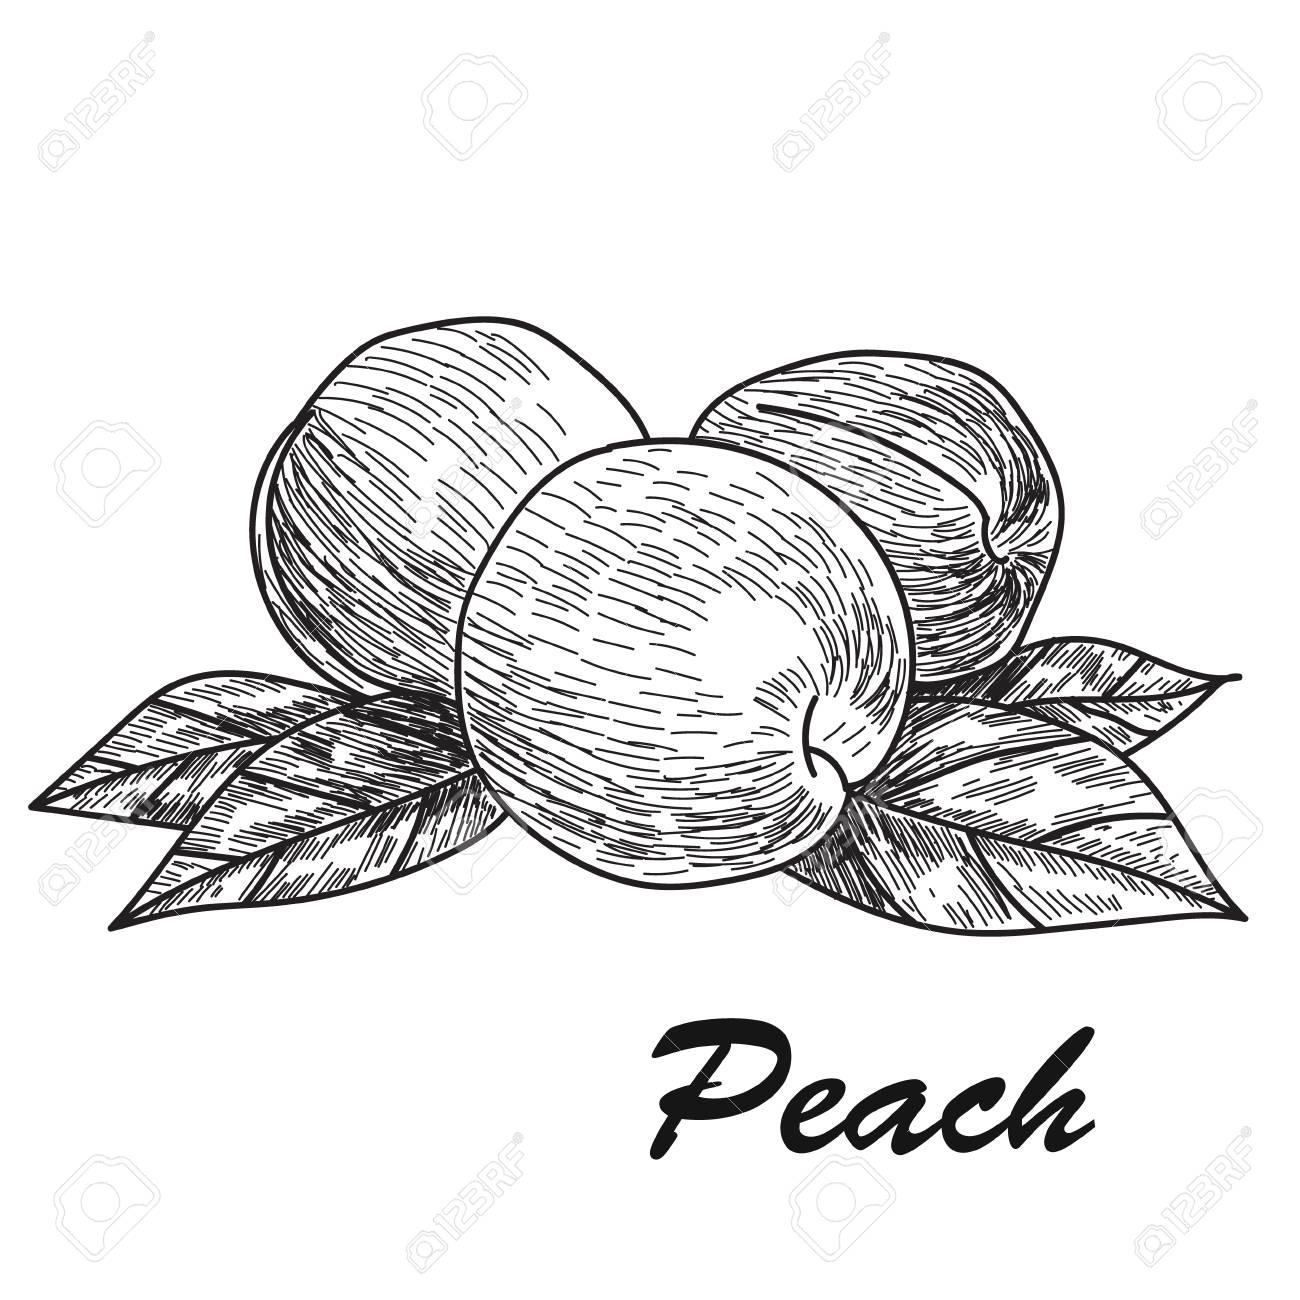 1300x1300 Hand Drawn Sketch Style Peach. Ripe Whole Peach And Peach Quarter